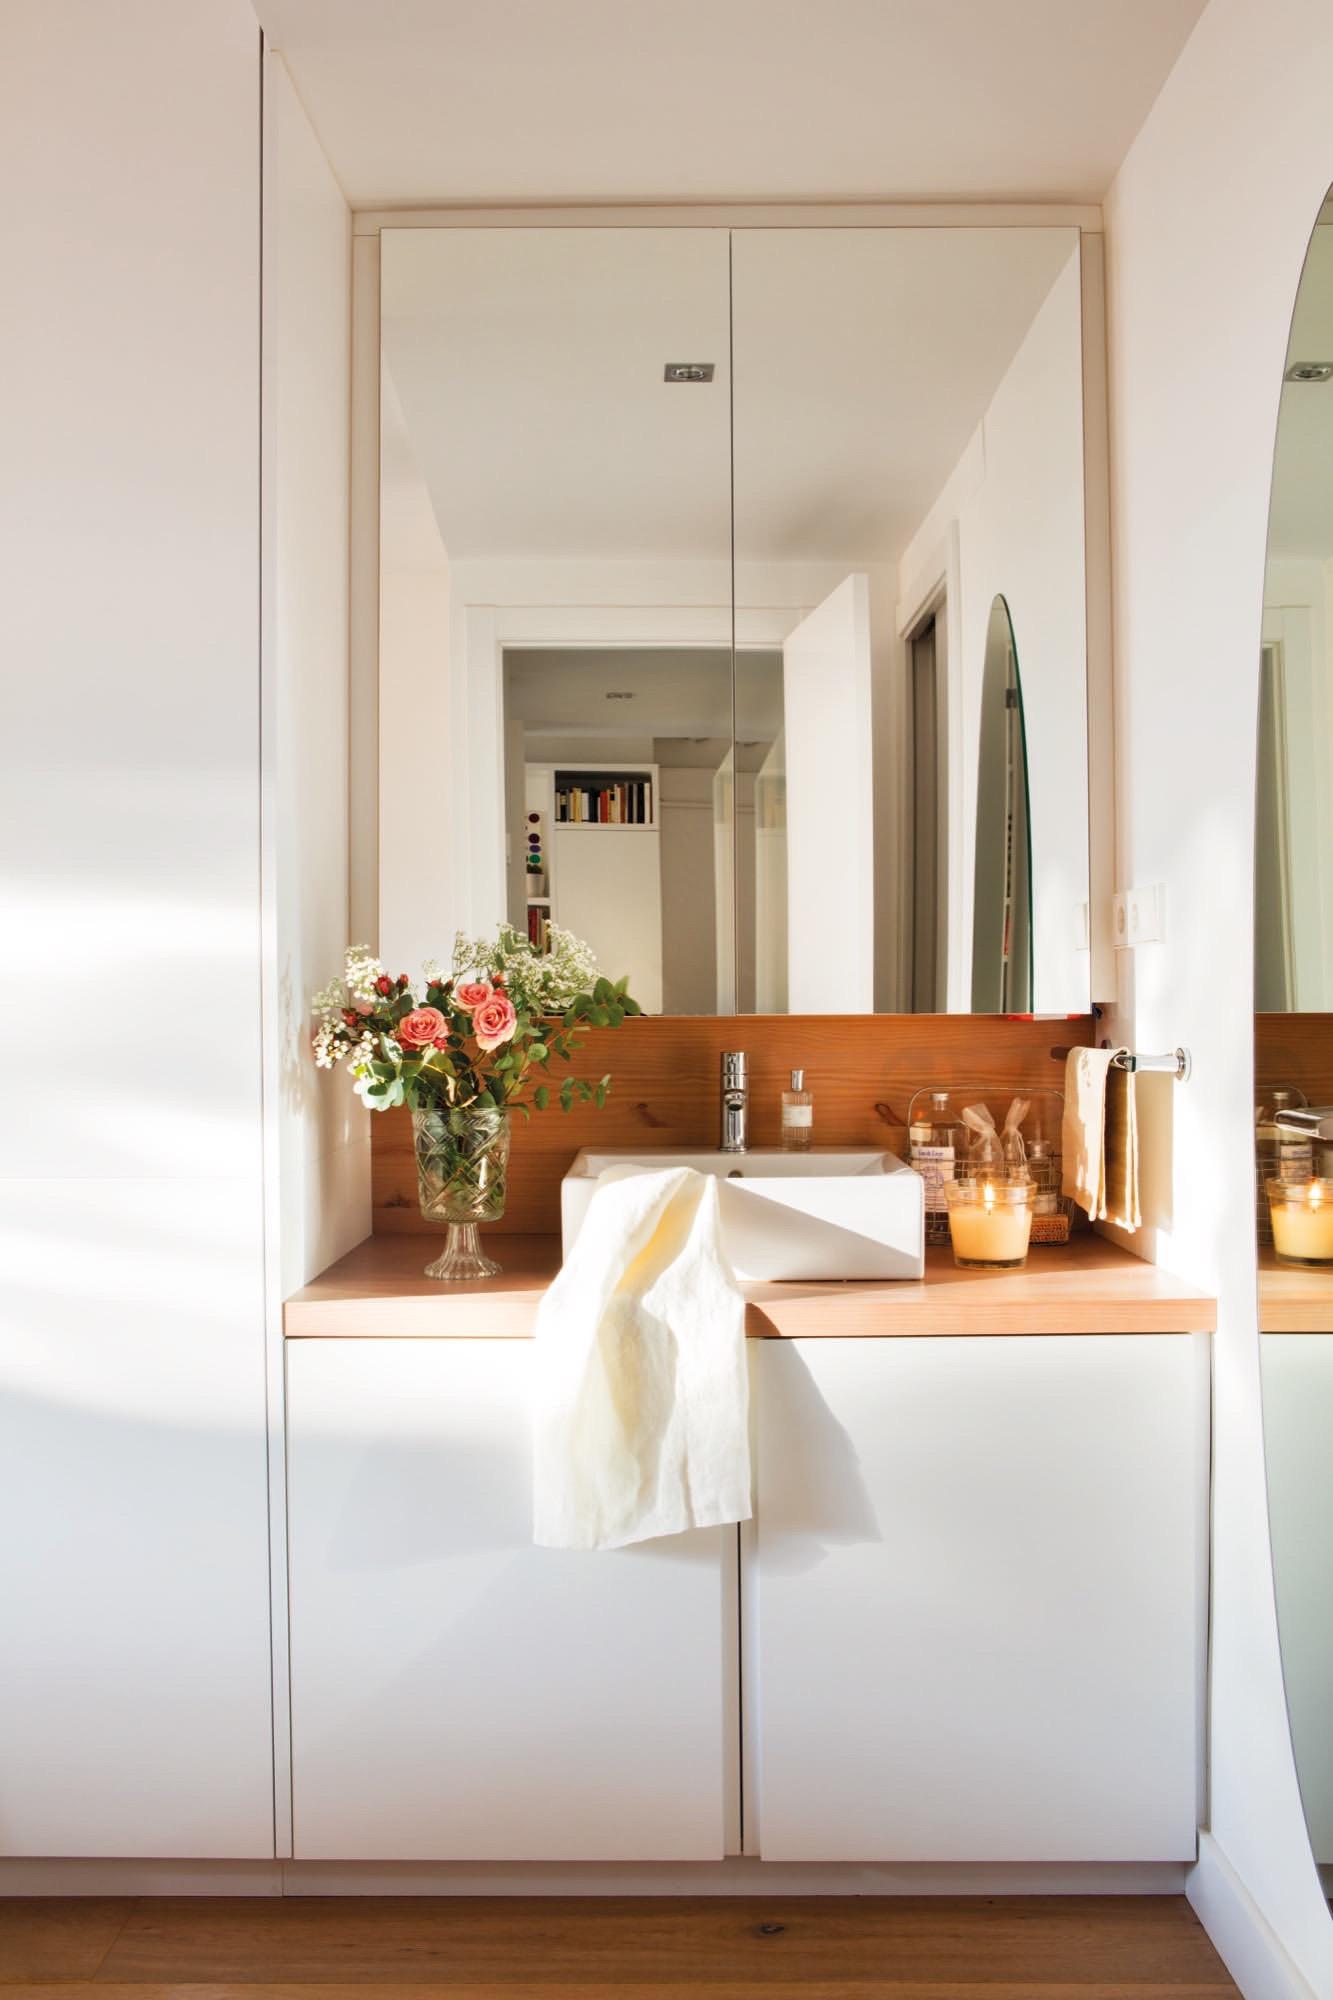 Slaapkamer met strakke inbouwkasten én wastafel | Slaapkamer ideeën